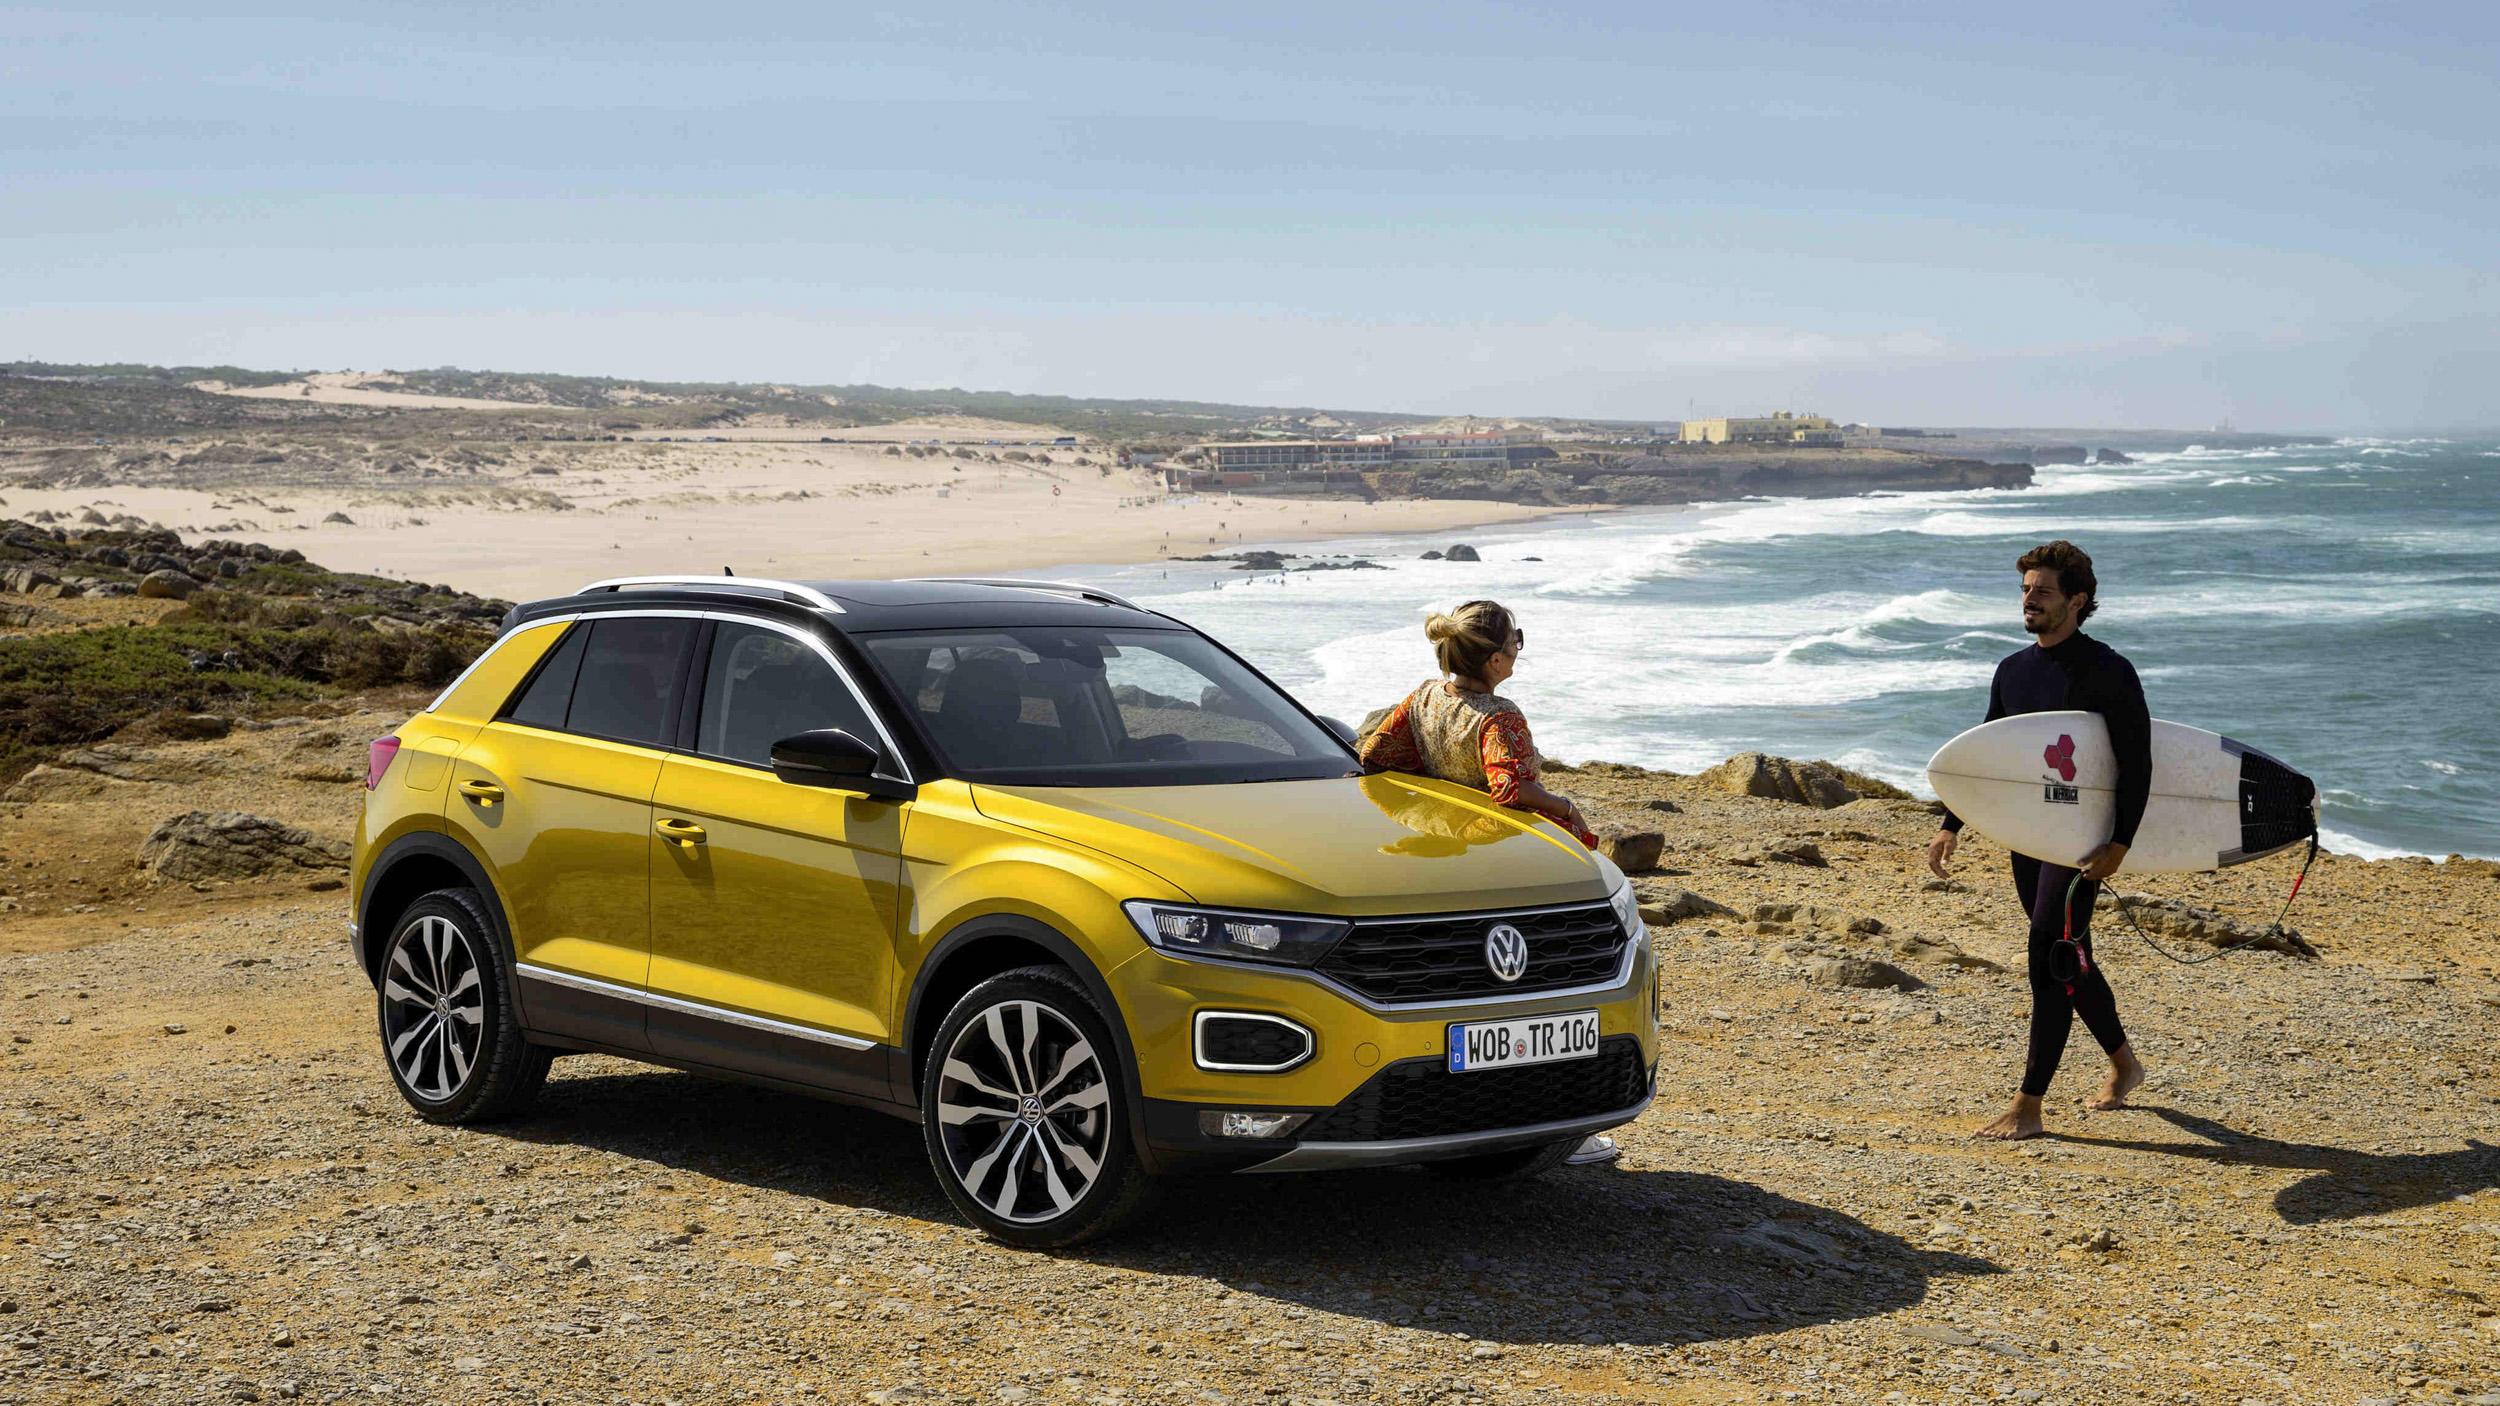 VW T-Roc 280TSI Life 限時現金特惠 99.8 萬起!車主獨享舊換新優惠最高 65,000 元